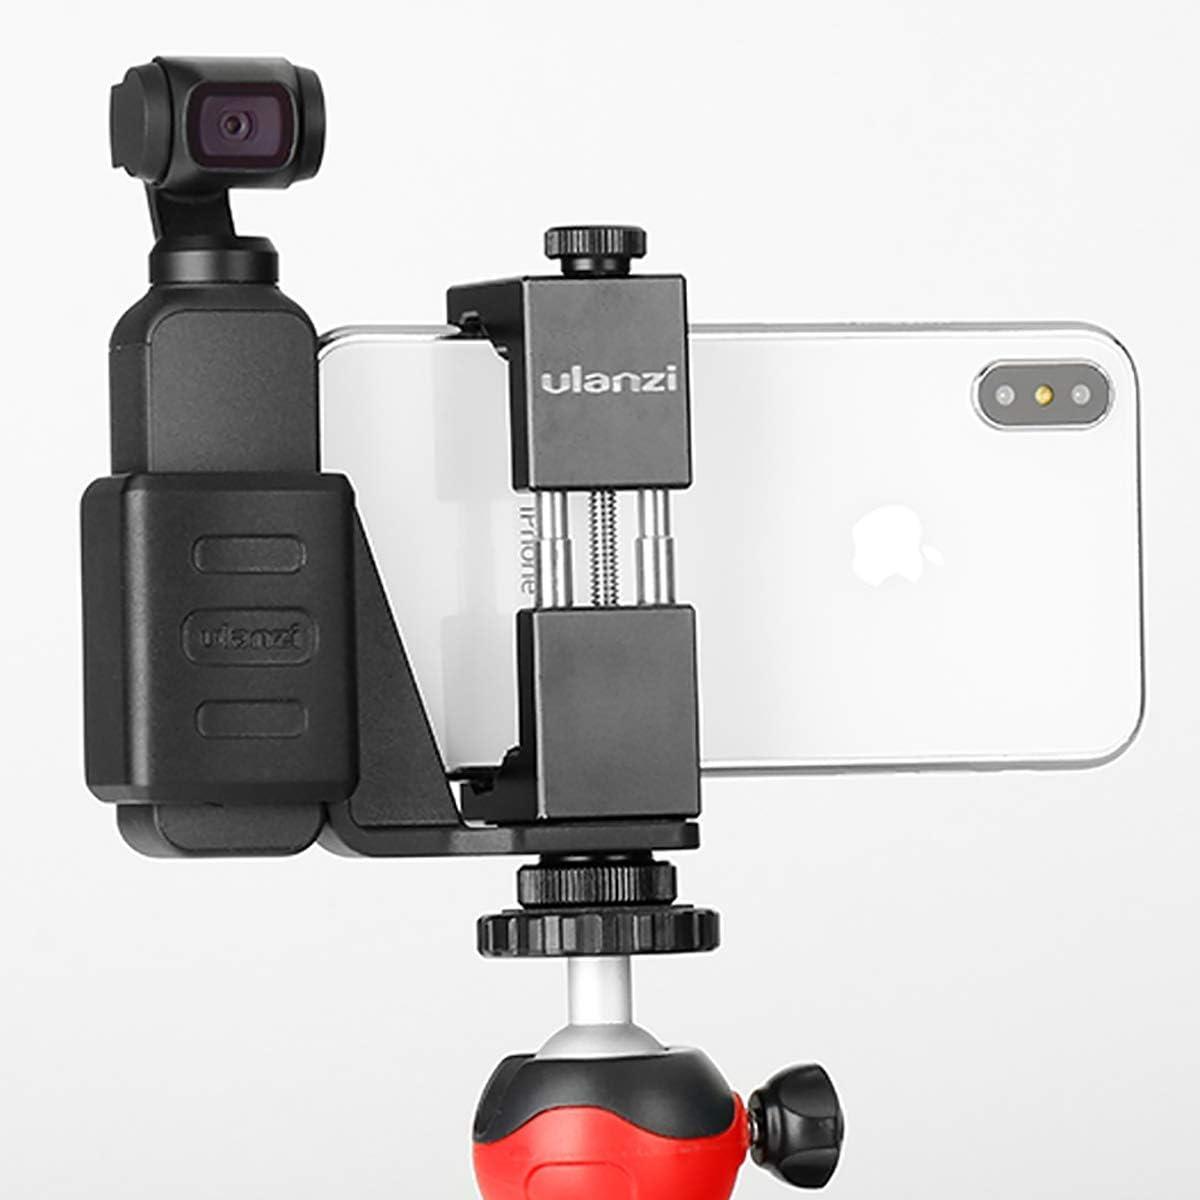 OP-1 Handheld Phone Holder Mobile Bracket Set Tripod Mount Adapter for DJI OSMO Pocket